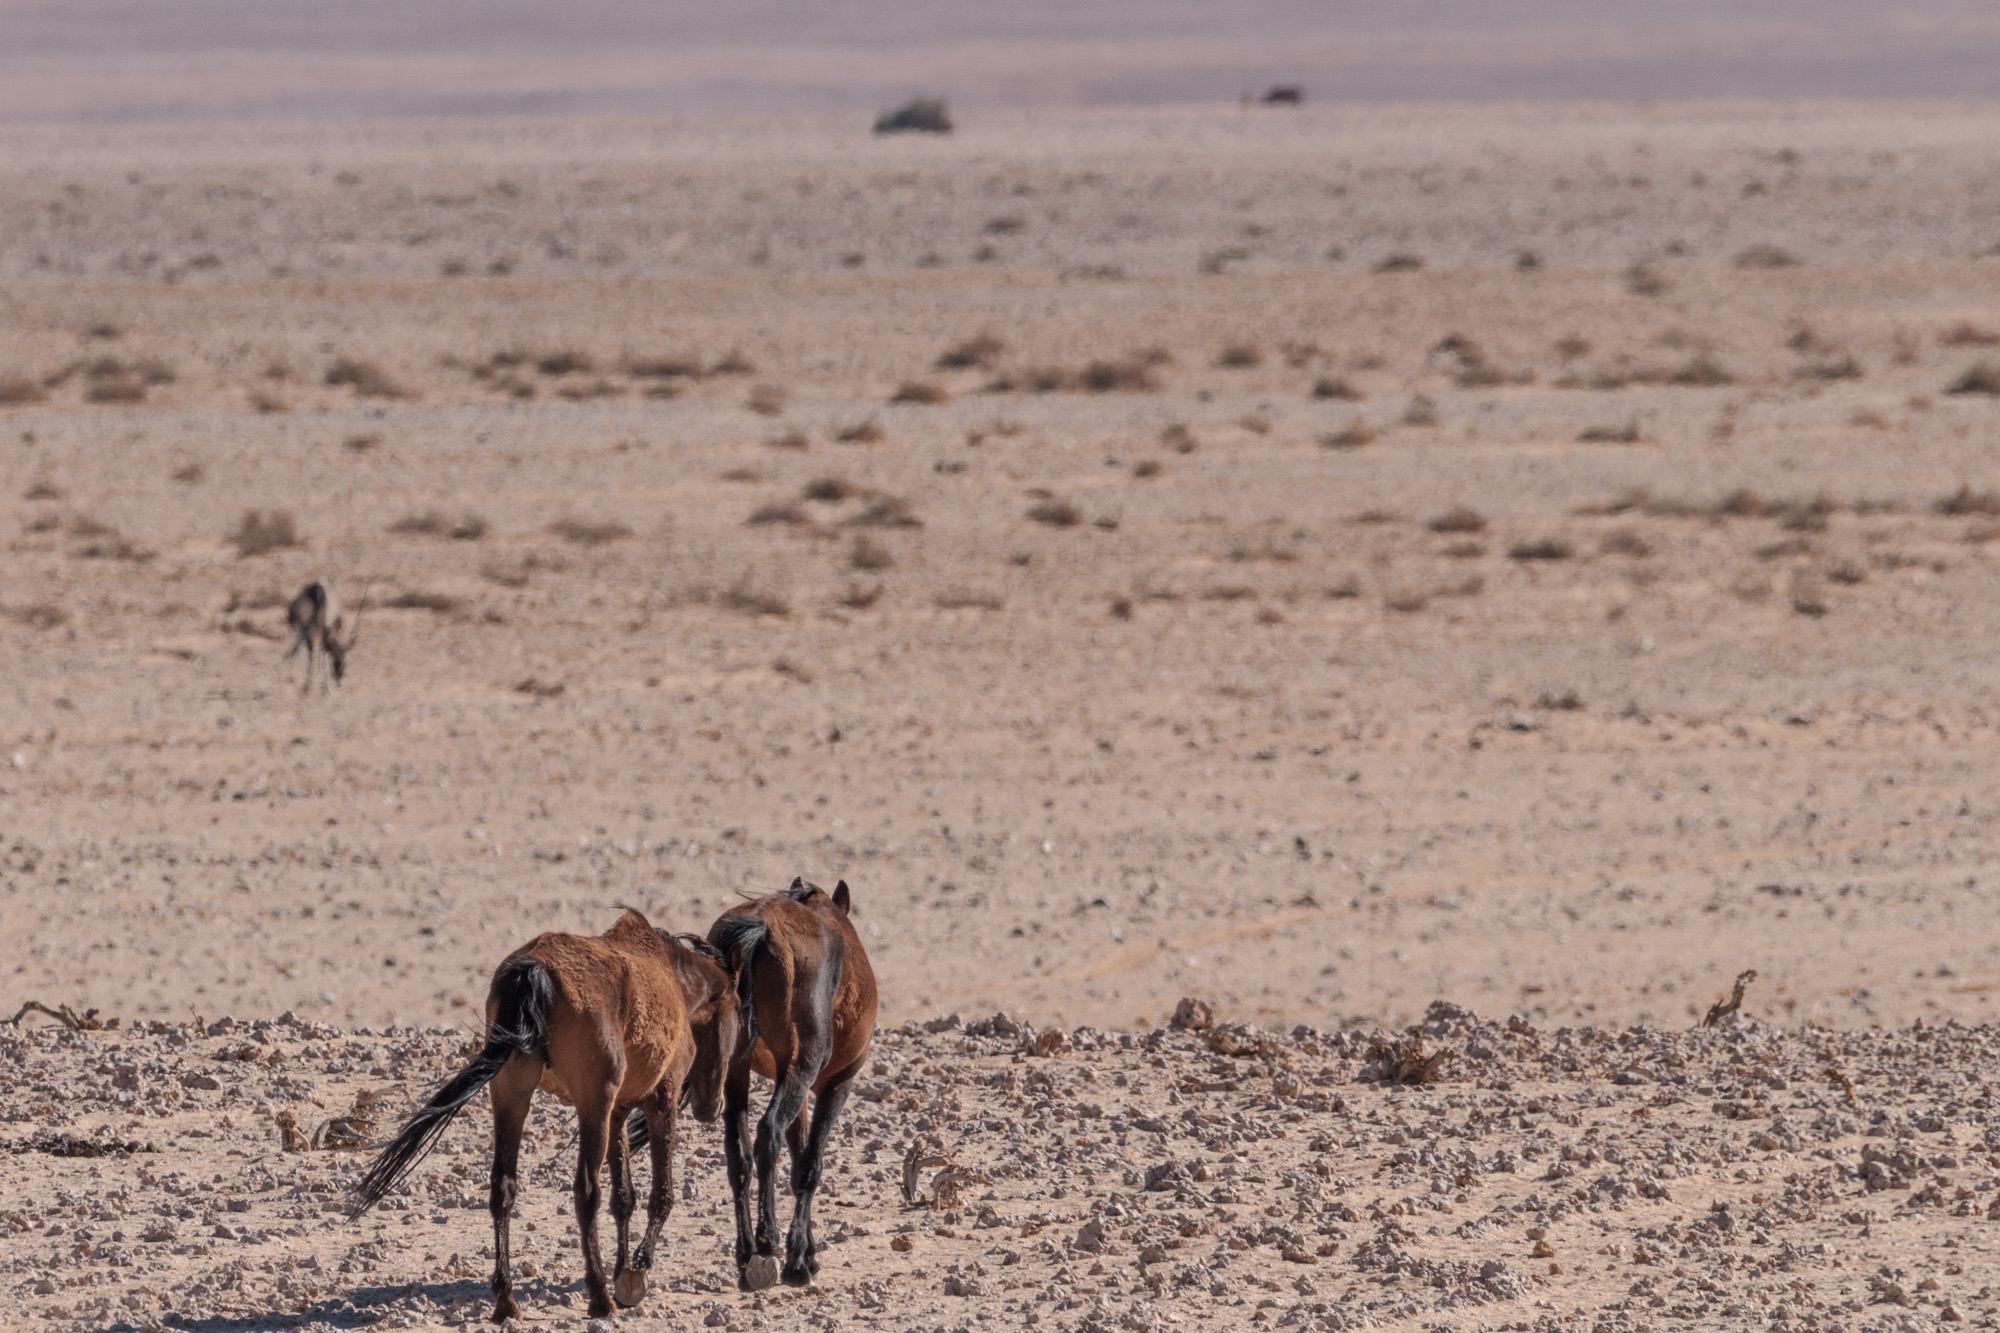 Garub Wildpferde entfernen sich in der Namib Wüste Namibia